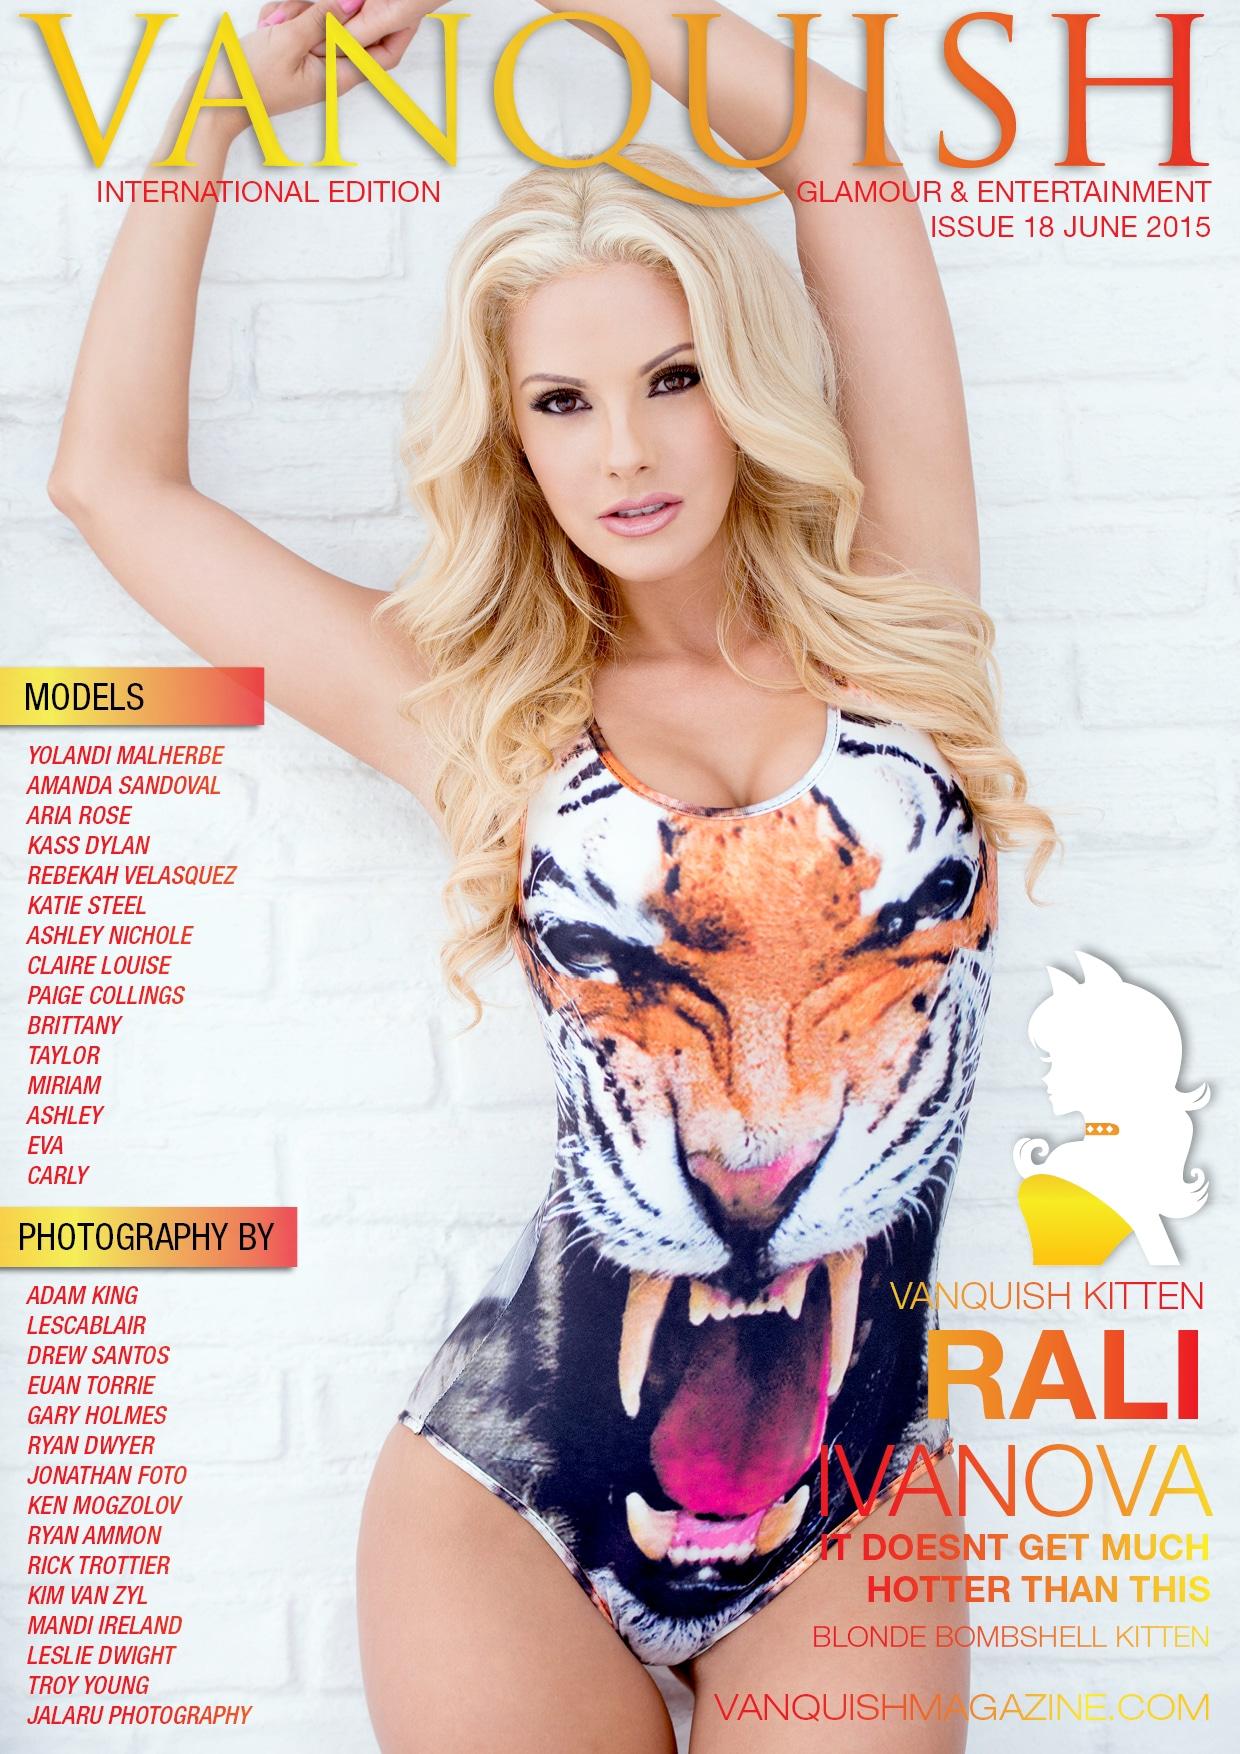 Vanquish Magazine – June 2015 – Rali Ivanova